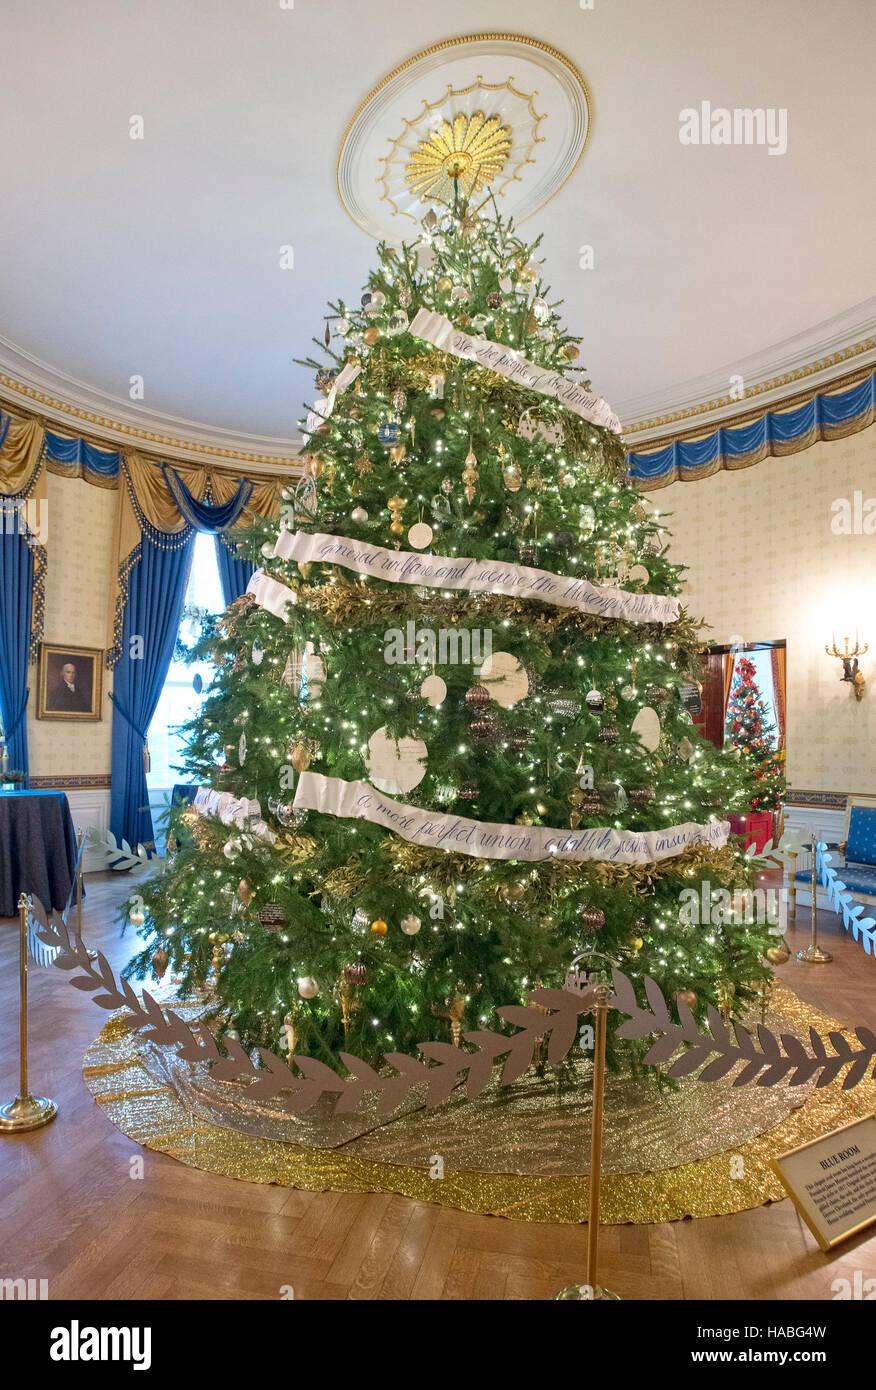 Decorazioni Natalizie Per La Camera il 2016 casa bianca decorazioni natalizie sono visualizzati